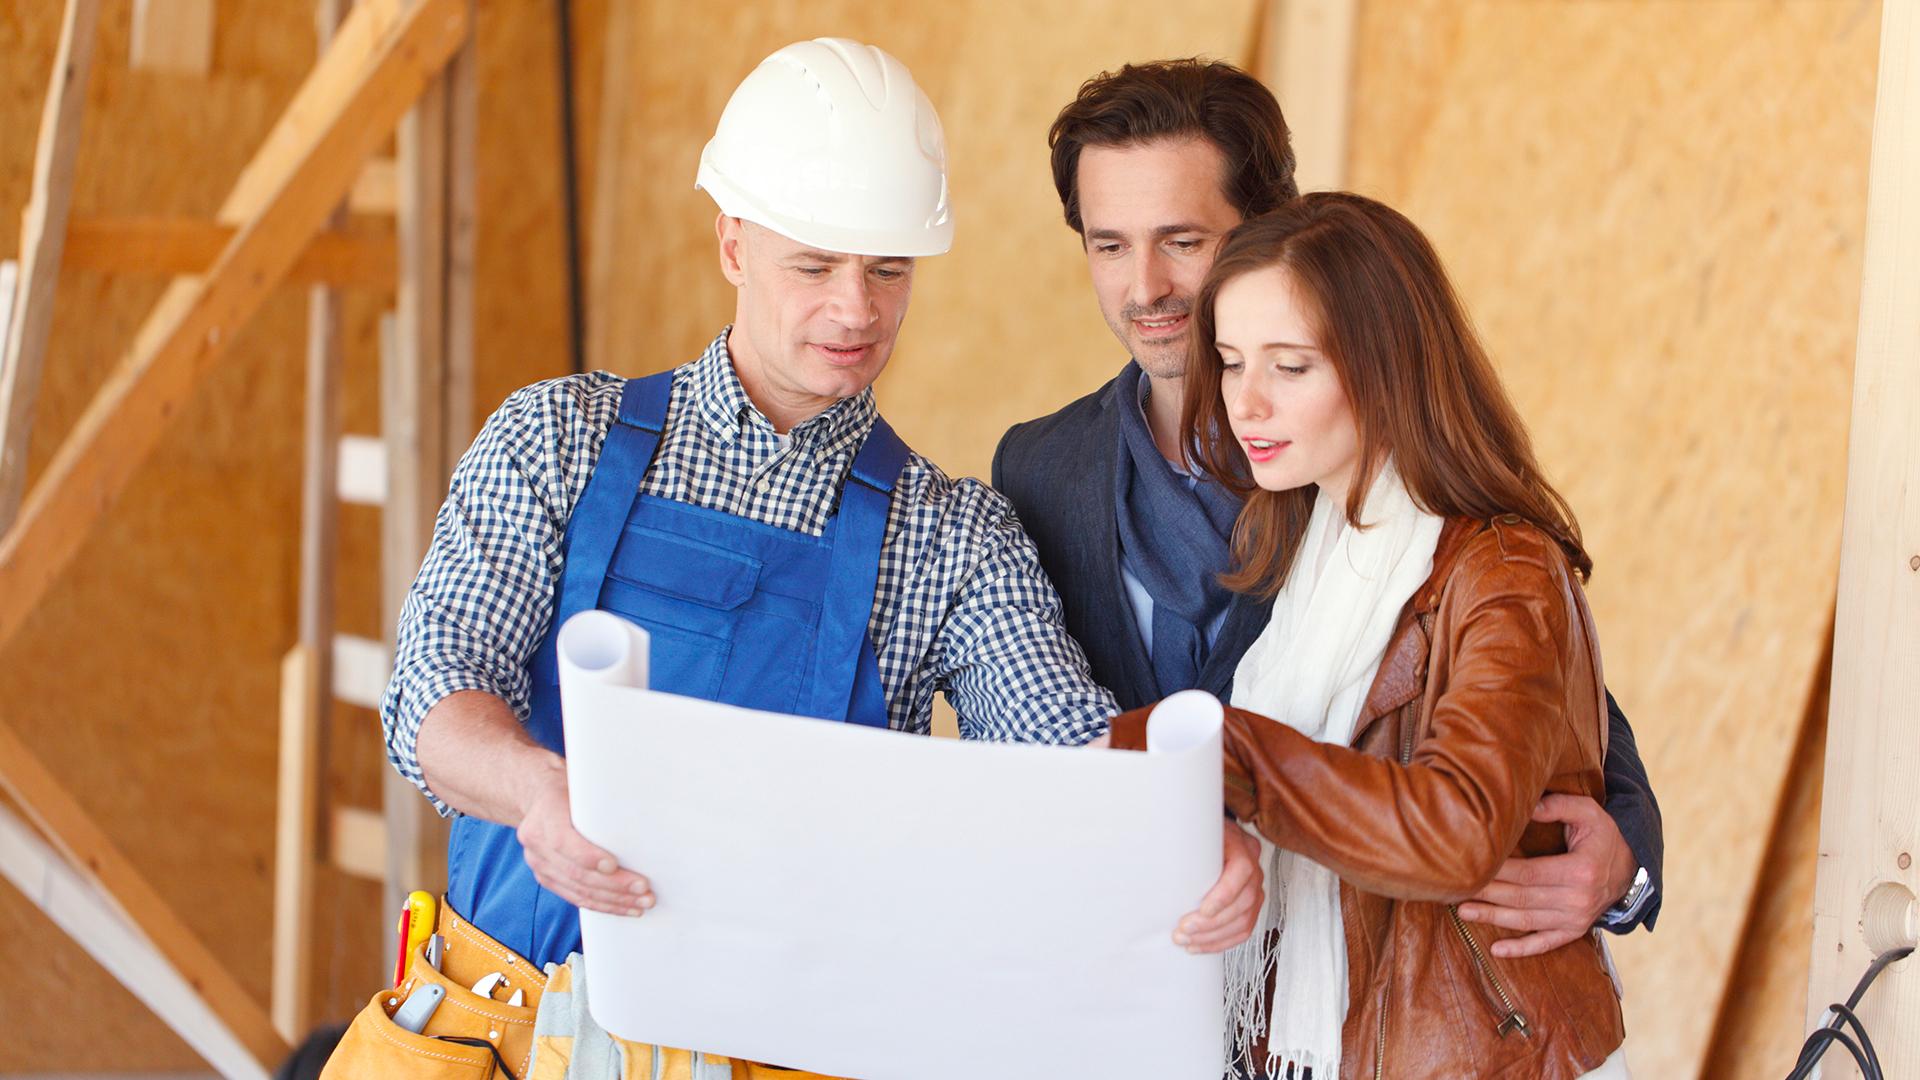 Ristrutturazione casa das tutela 09072020